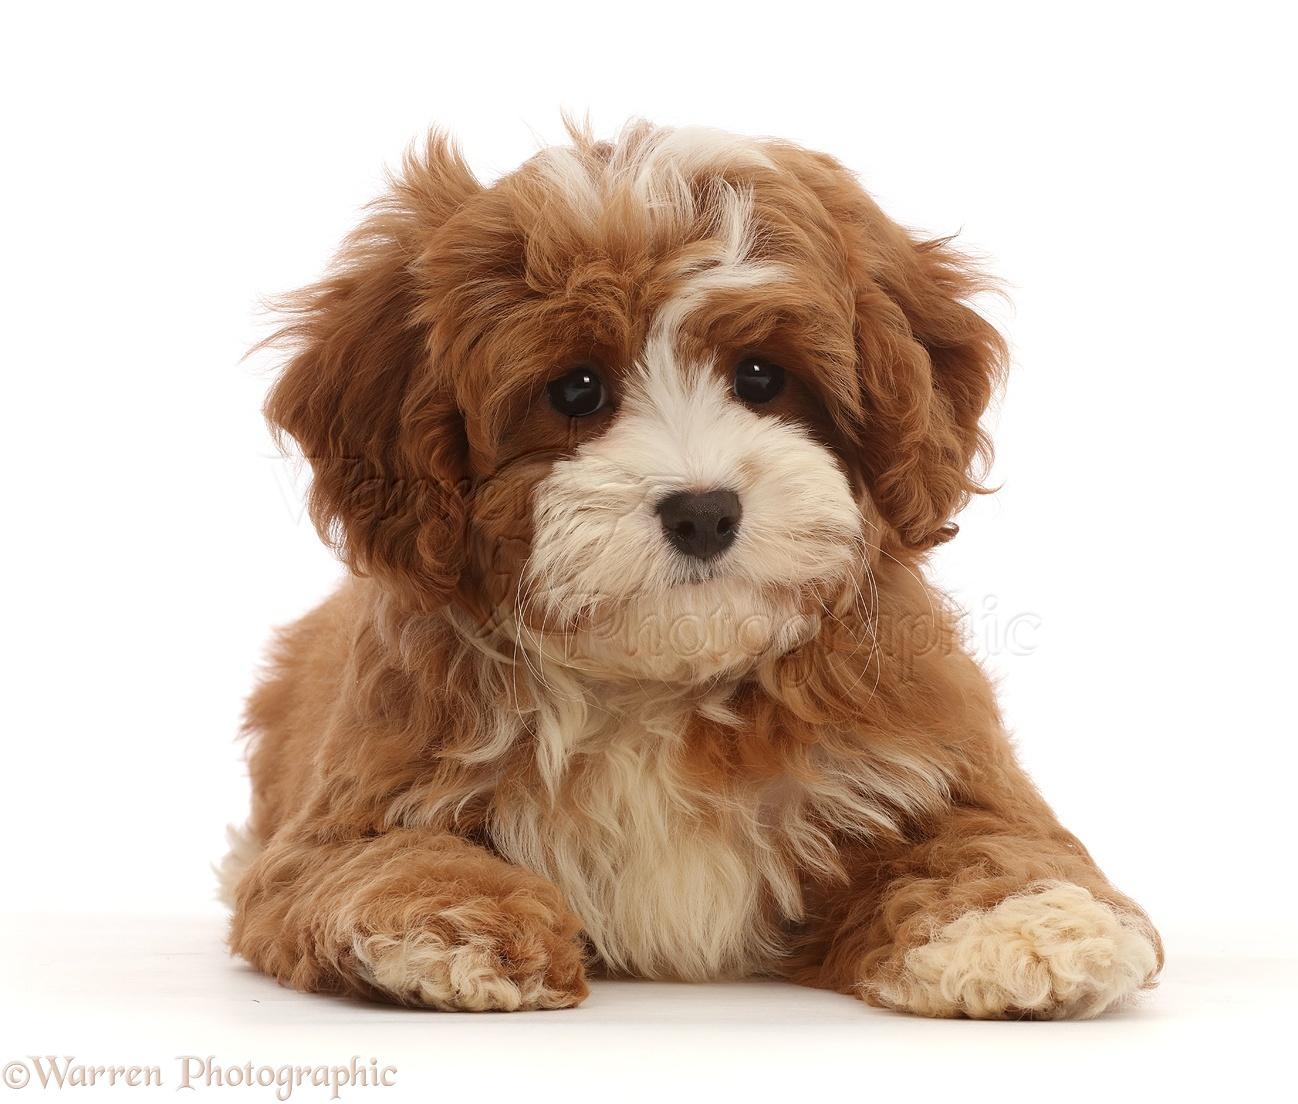 Dog Cavapoo Puppy Lying Head Up Photo Wp45800